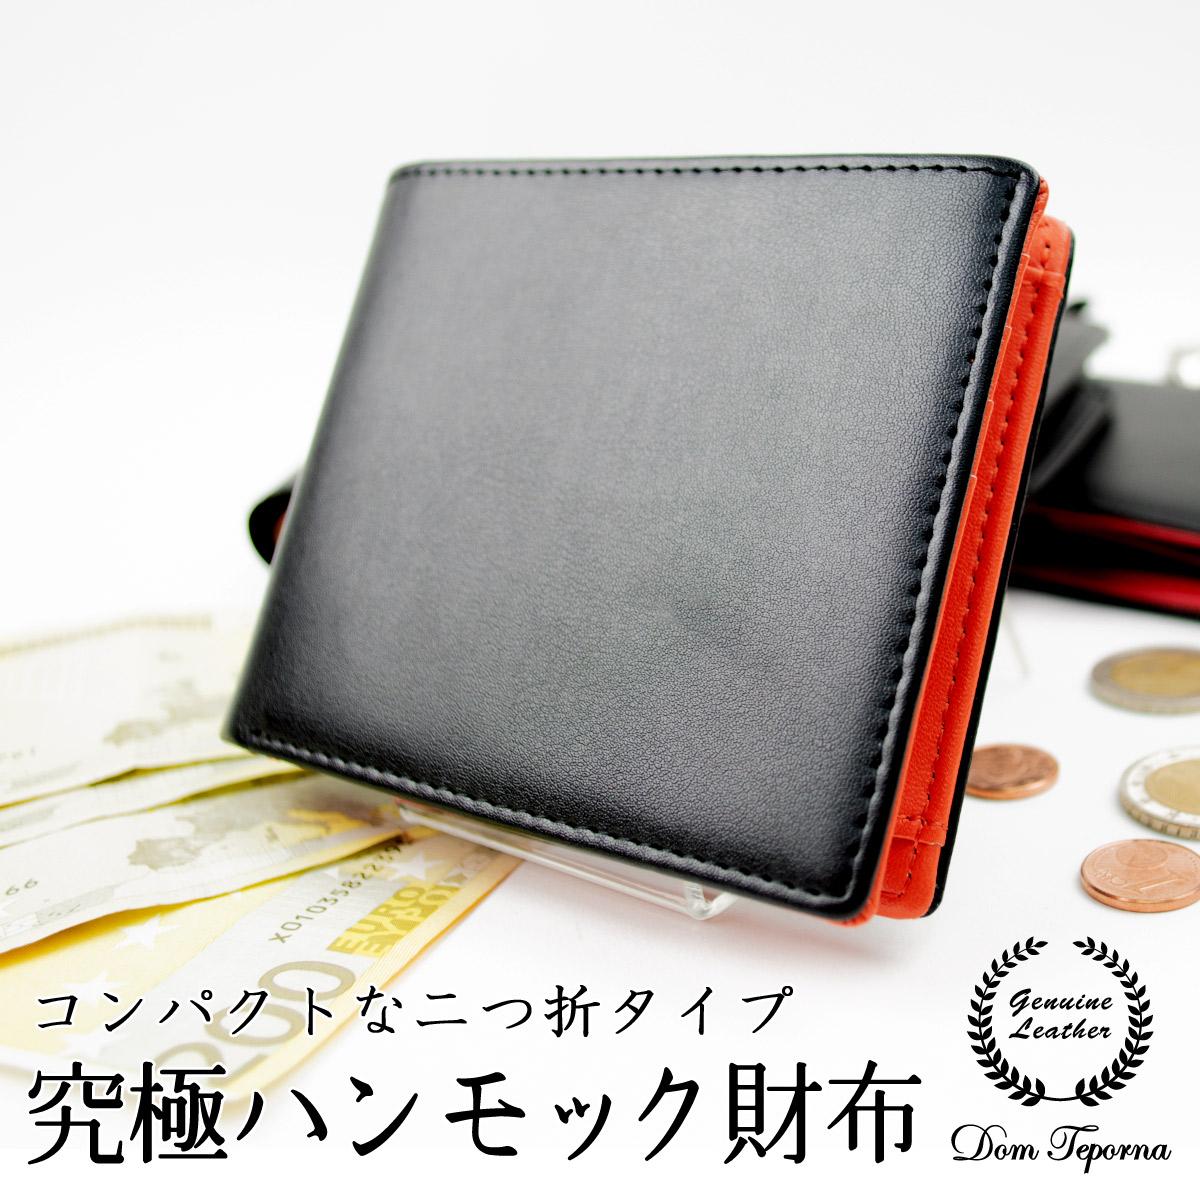 Dom Teporna 牛革 コントラストが美しいコンパクトな2つ折り財布 ボックス型小銭入れ ★